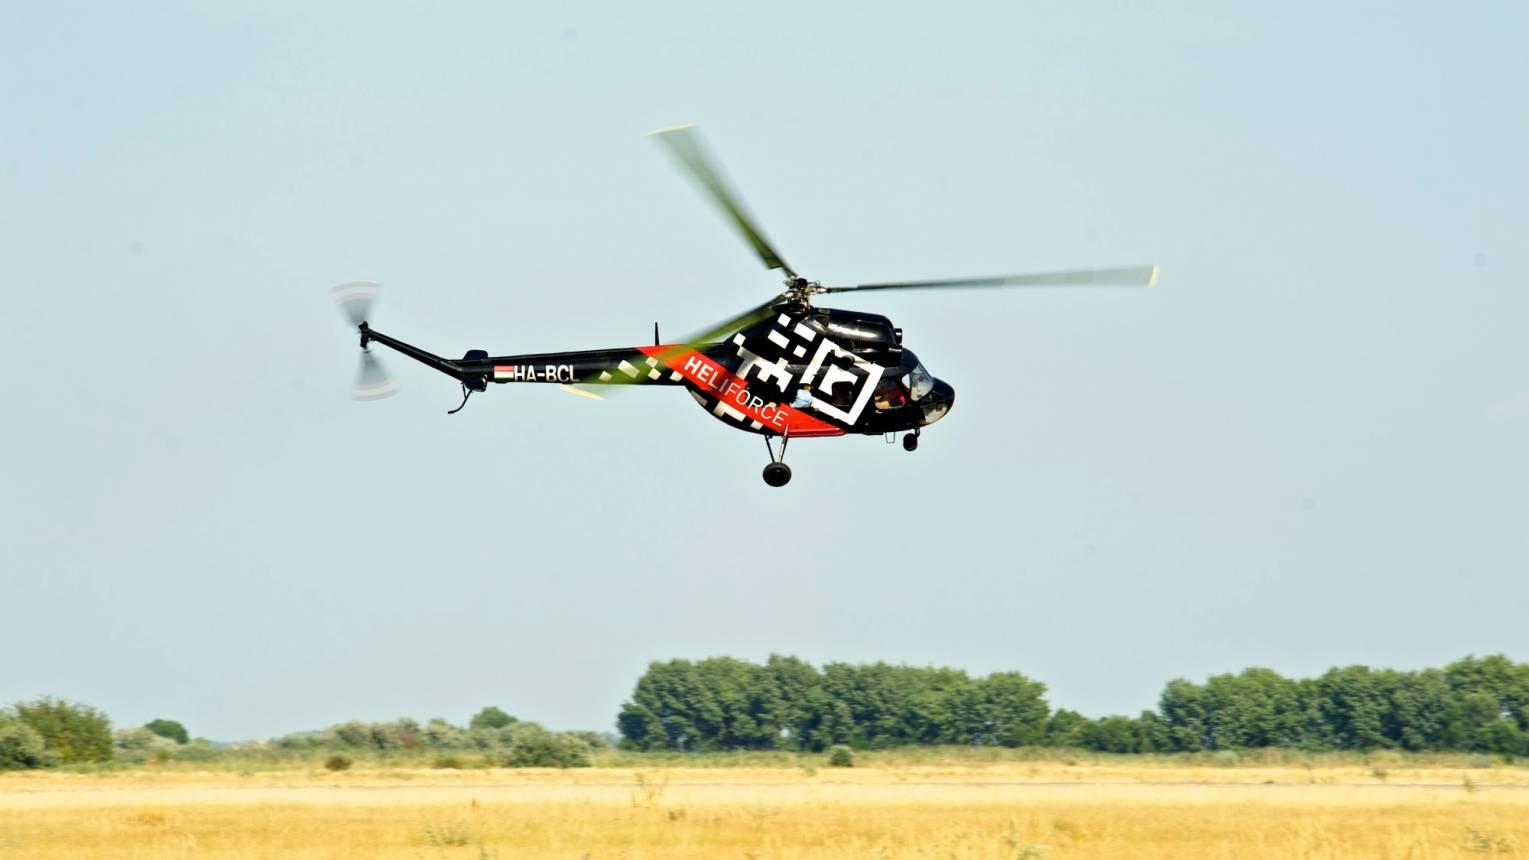 Extrém helikopteres repülés 1 fő részére